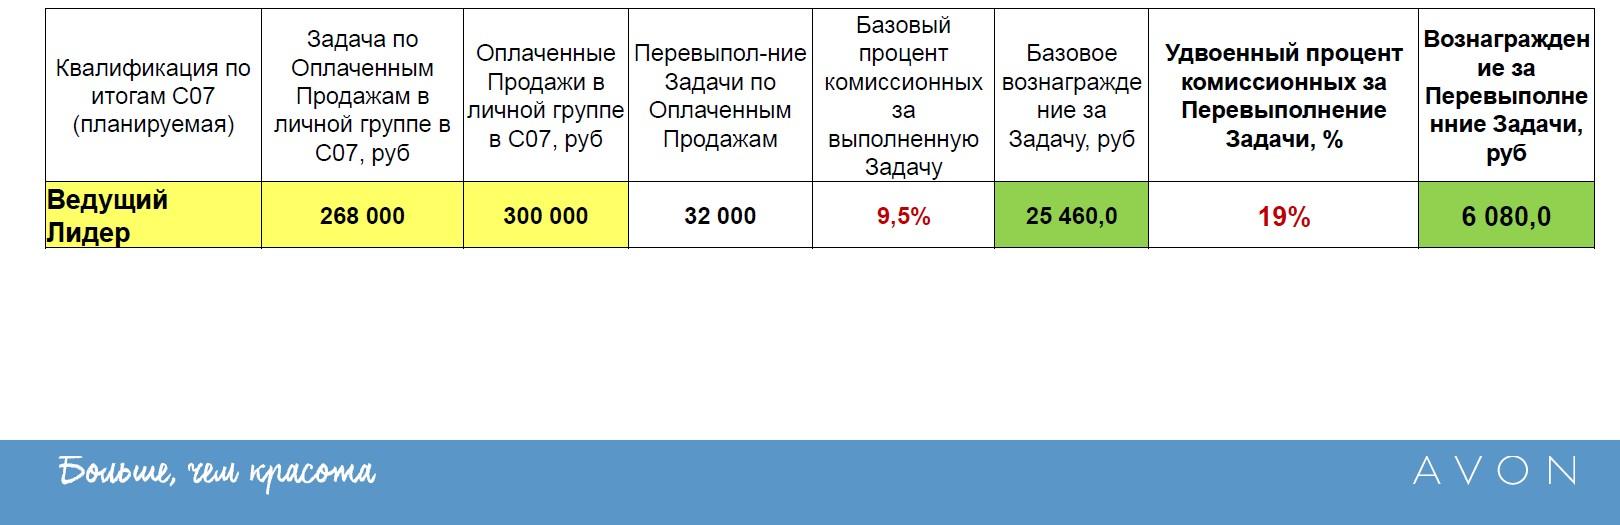 Калькулятор для расчета двойных комиссионных